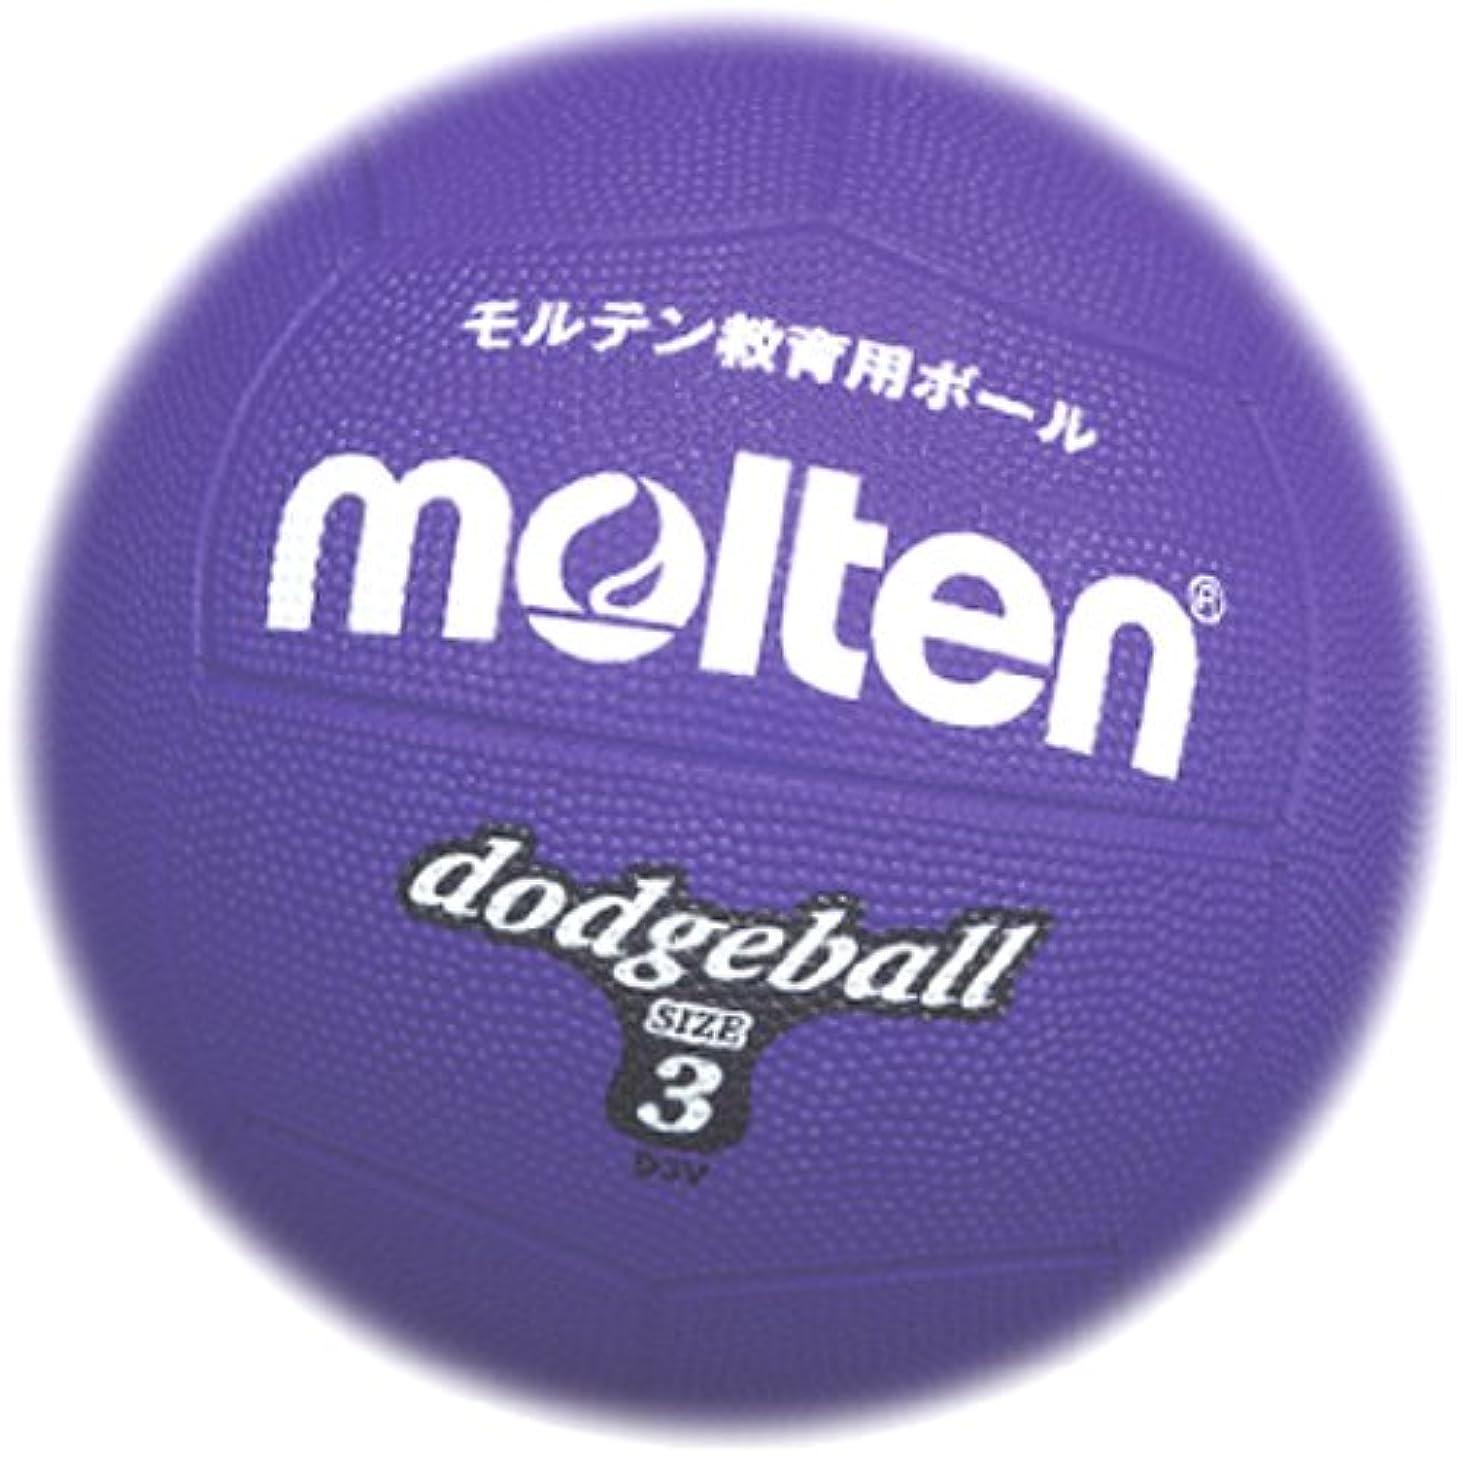 大きさ控える前にmolten(モルテン) ドッジボール ゴム2号球 オレンジ D2OR